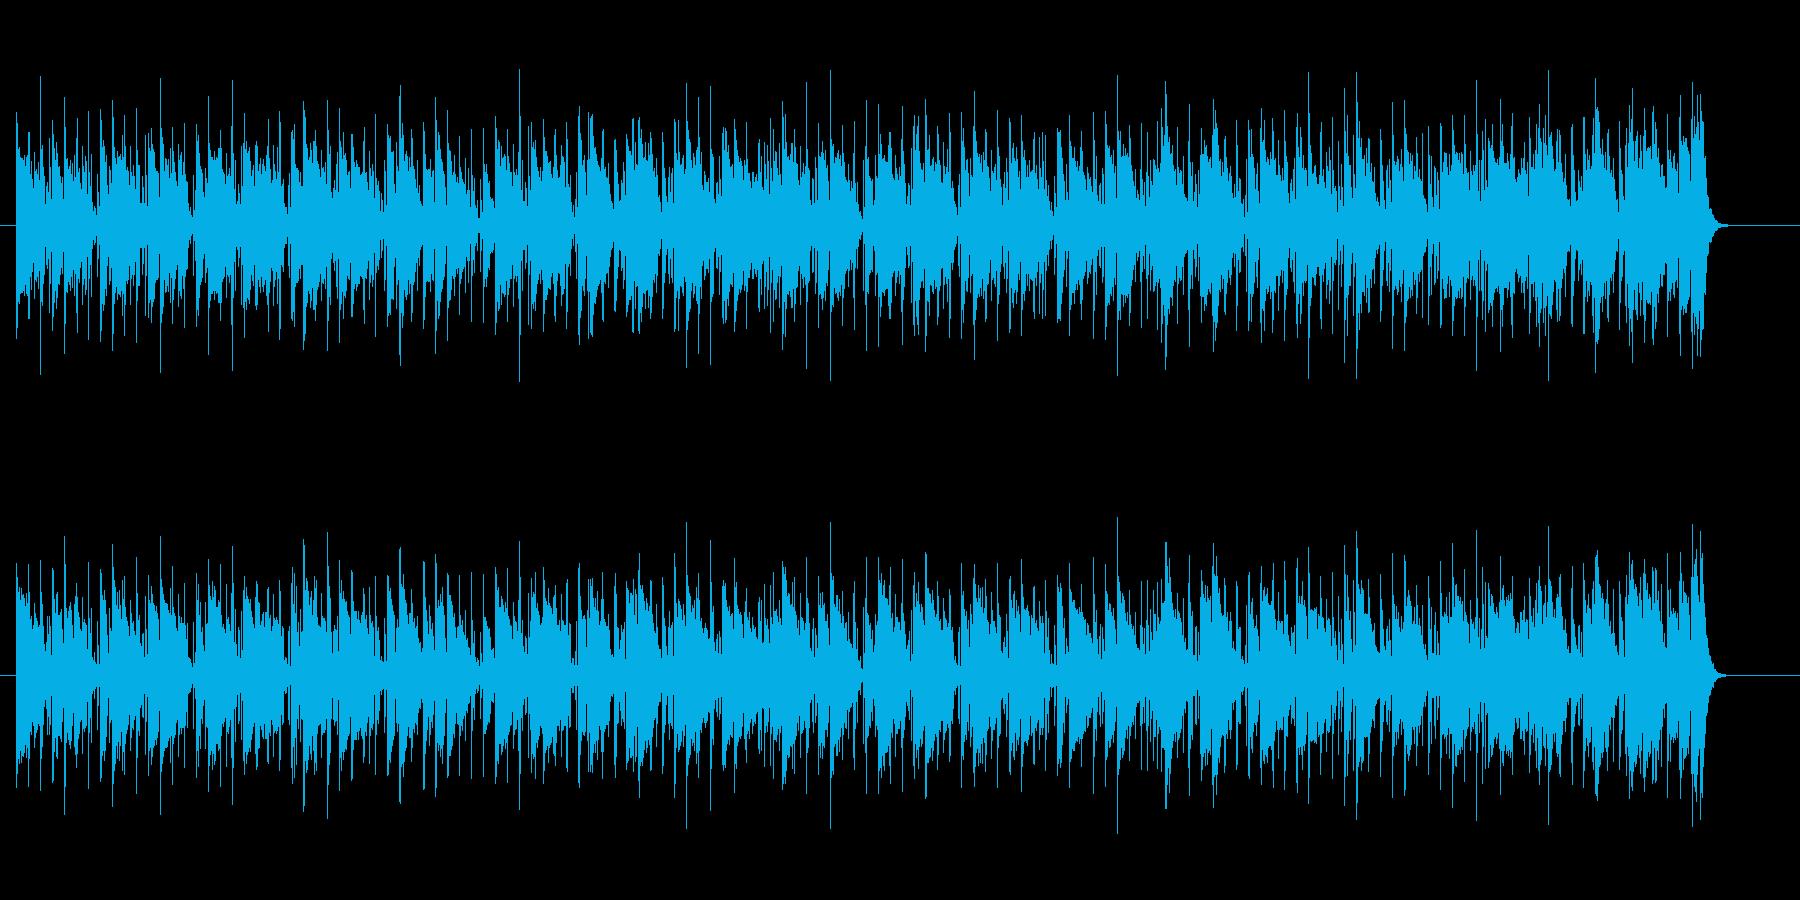 チョッパーがクールな都会派ブルースの再生済みの波形